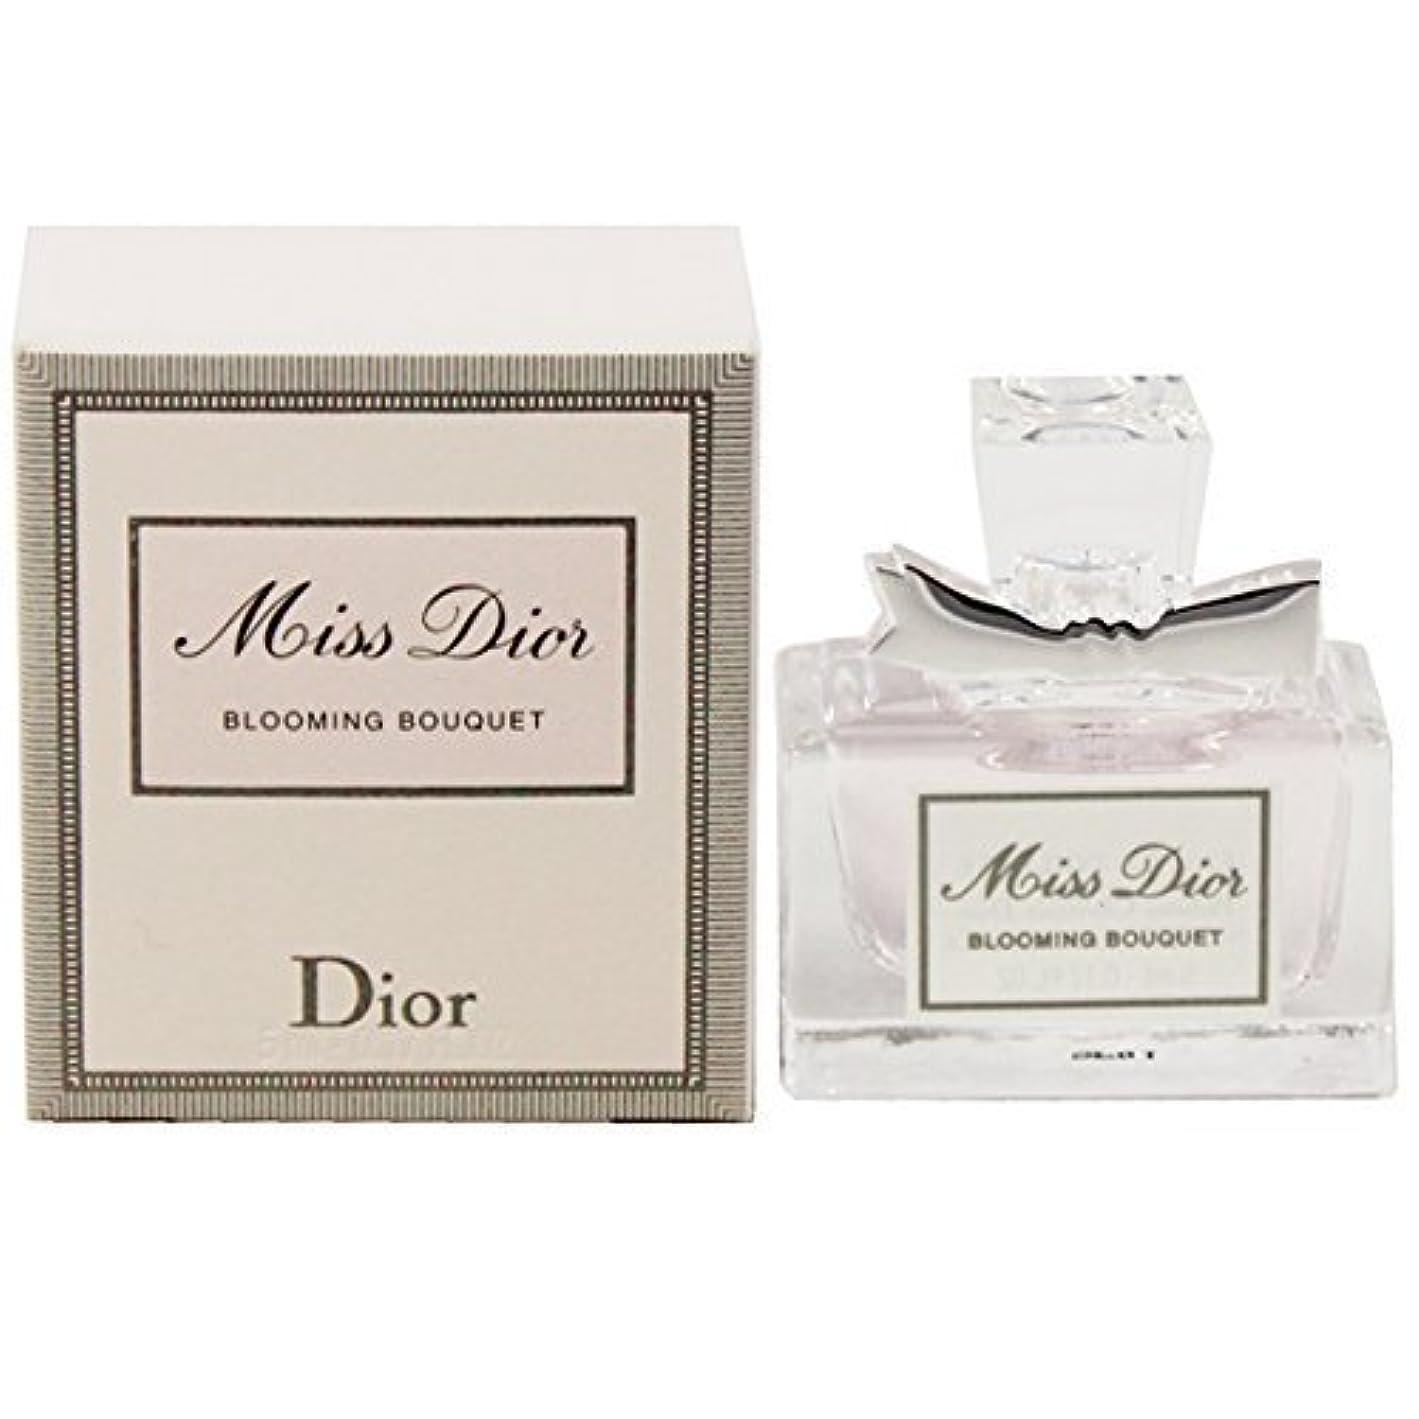 熱帯の慢容疑者クリスチャン ディオール(Christian Dior) ミス ディオール ブルーミングブーケEDT?BT 5ml[並行輸入品]